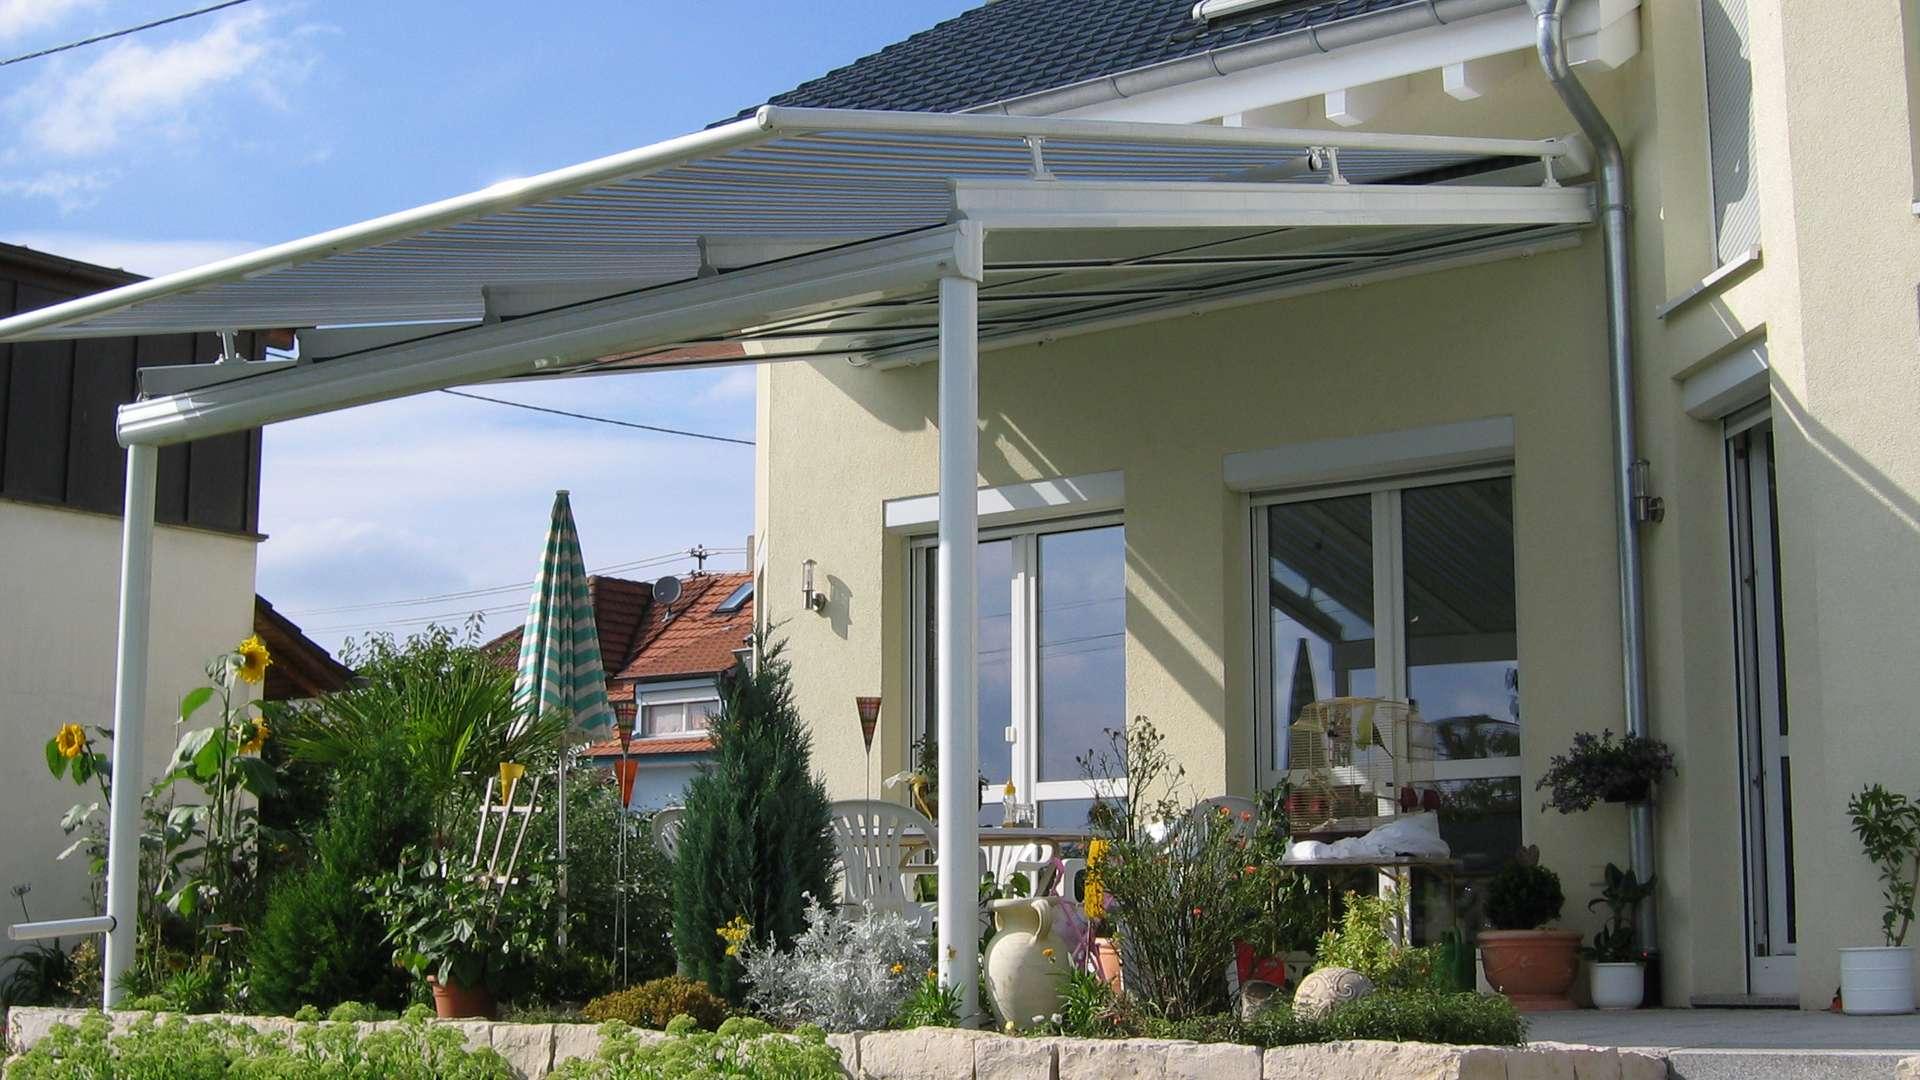 weißes Terrassendach mit Markise an hellgelben Wohnhaus mit bepflanzter Terrasse.